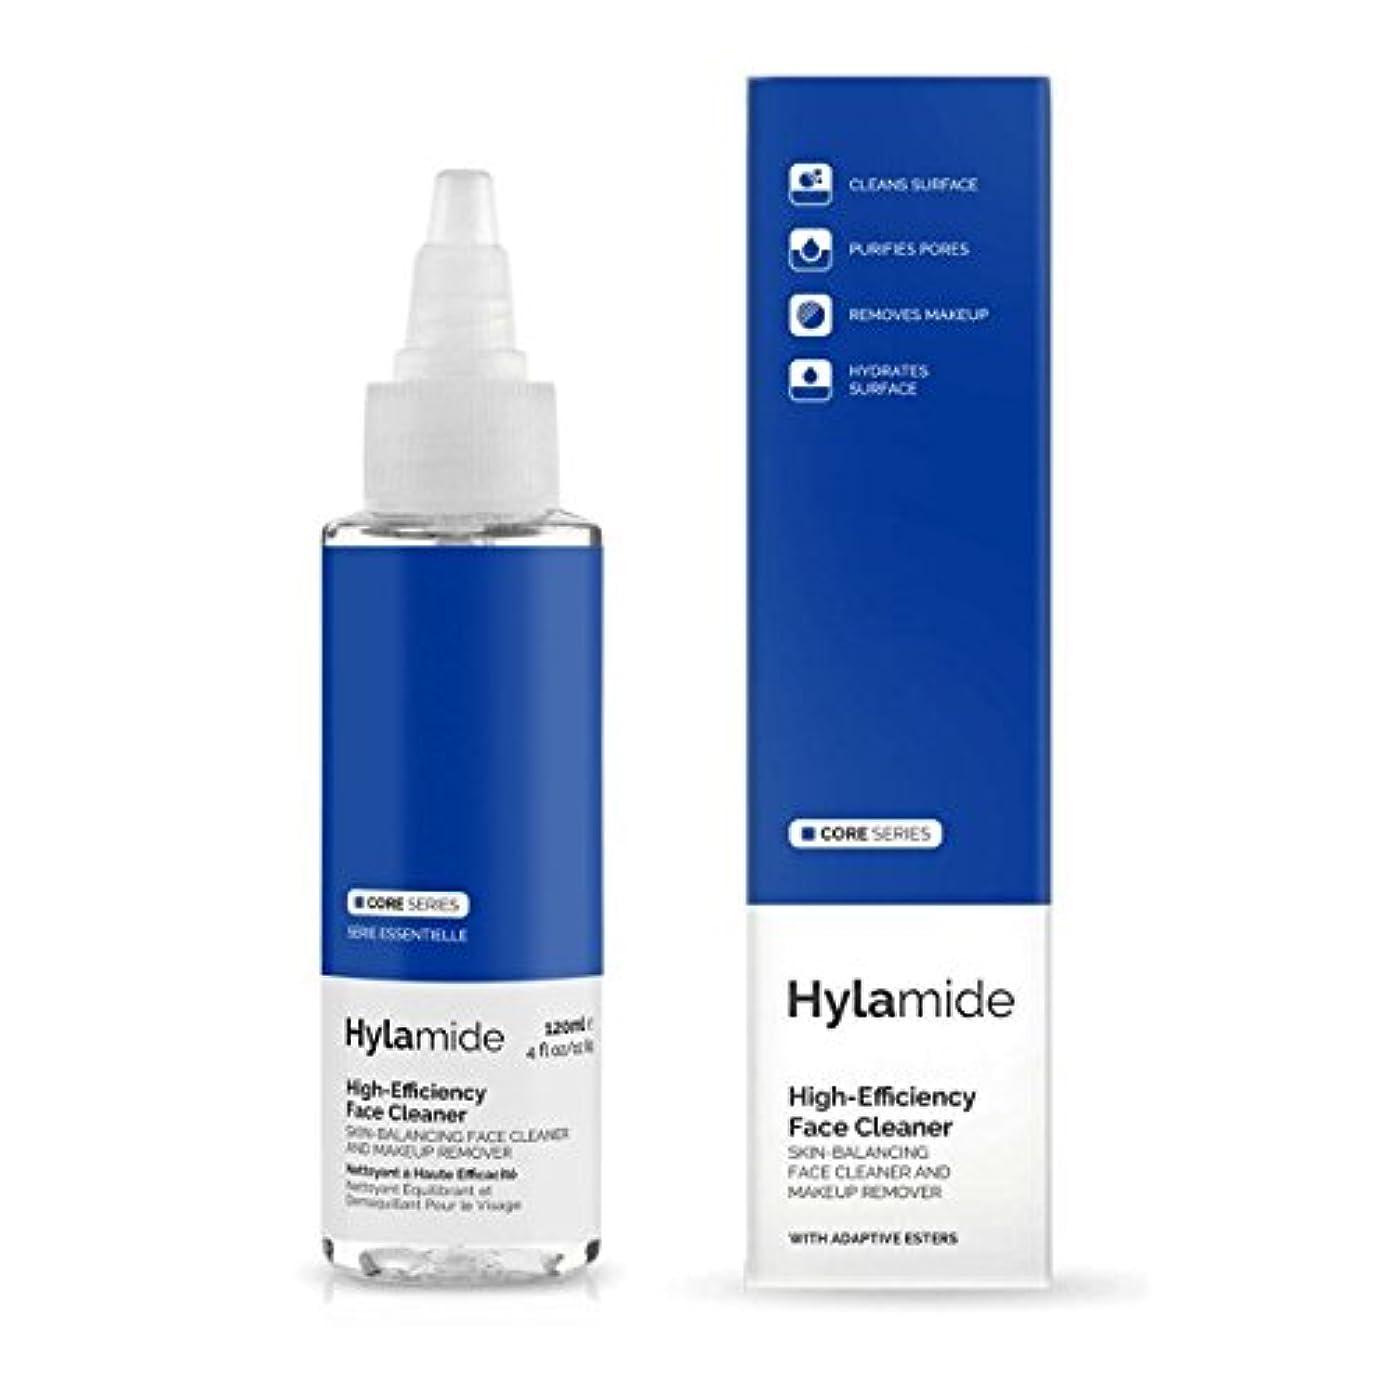 空港露出度の高い写真を描くHylamide High-efficiency Face Cleaner 120ml [並行輸入品]